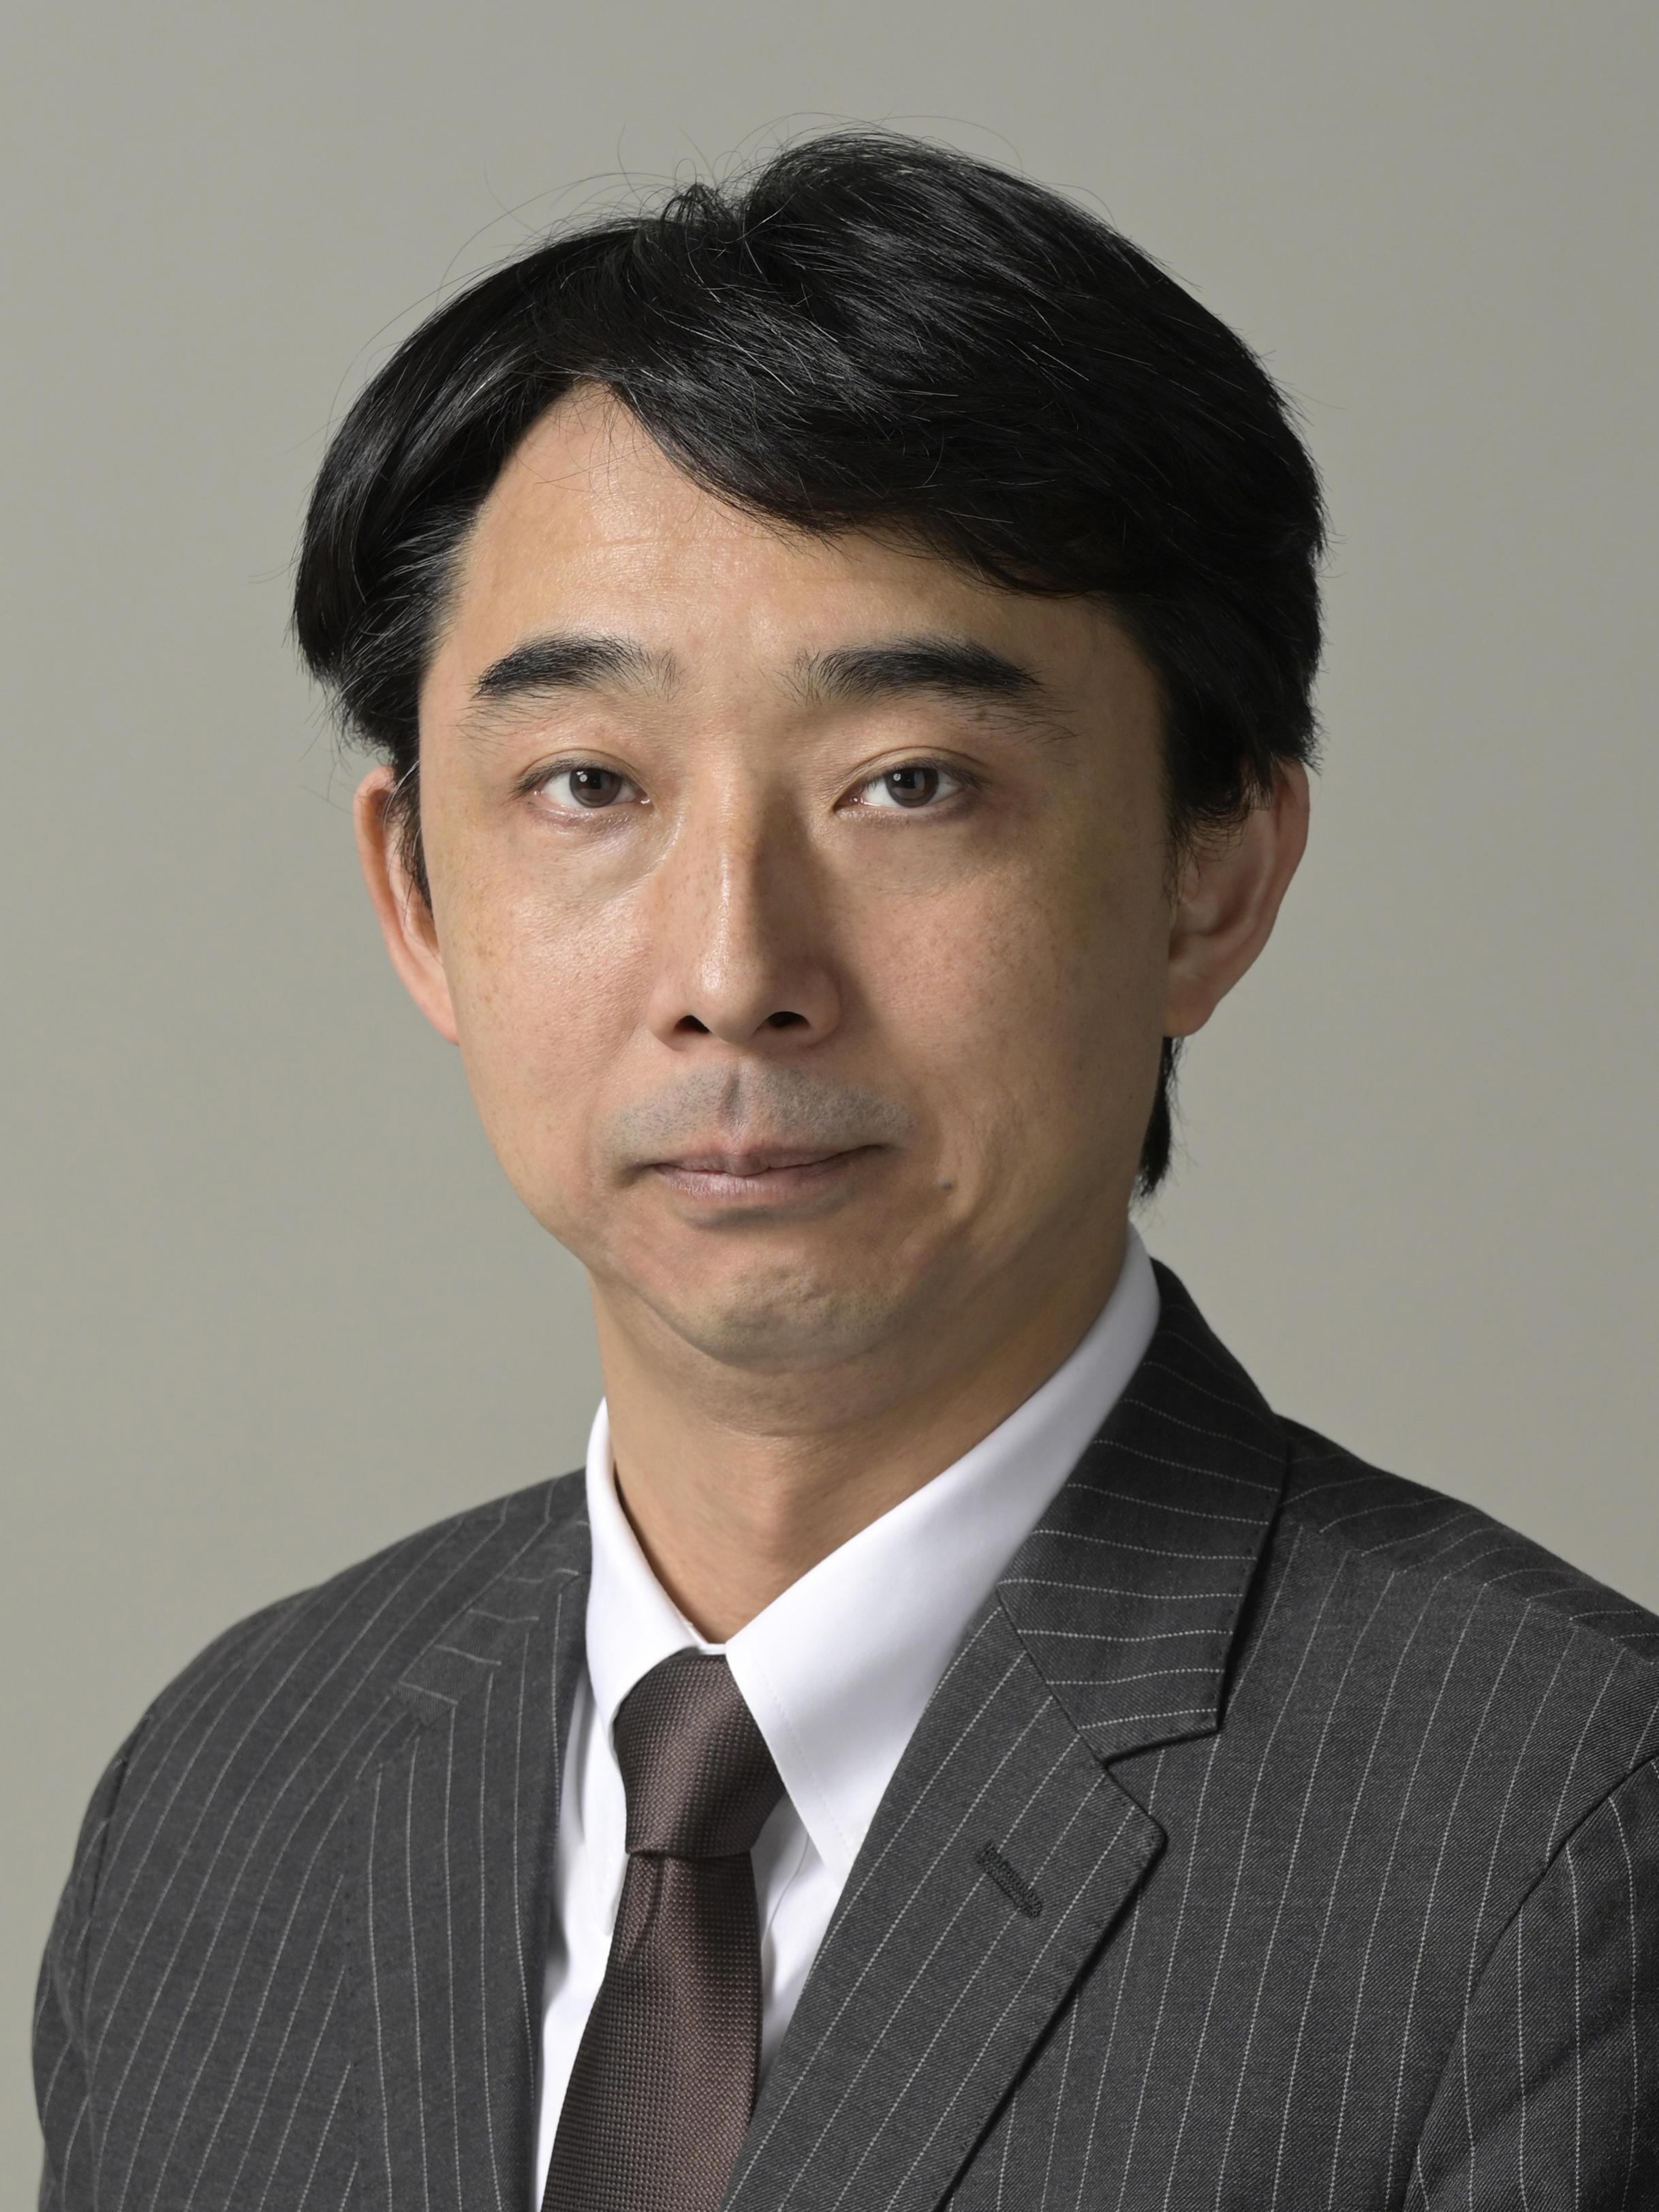 東京工芸大学 新学長就任のお知らせ 2020年4月1日より吉野弘章が就任